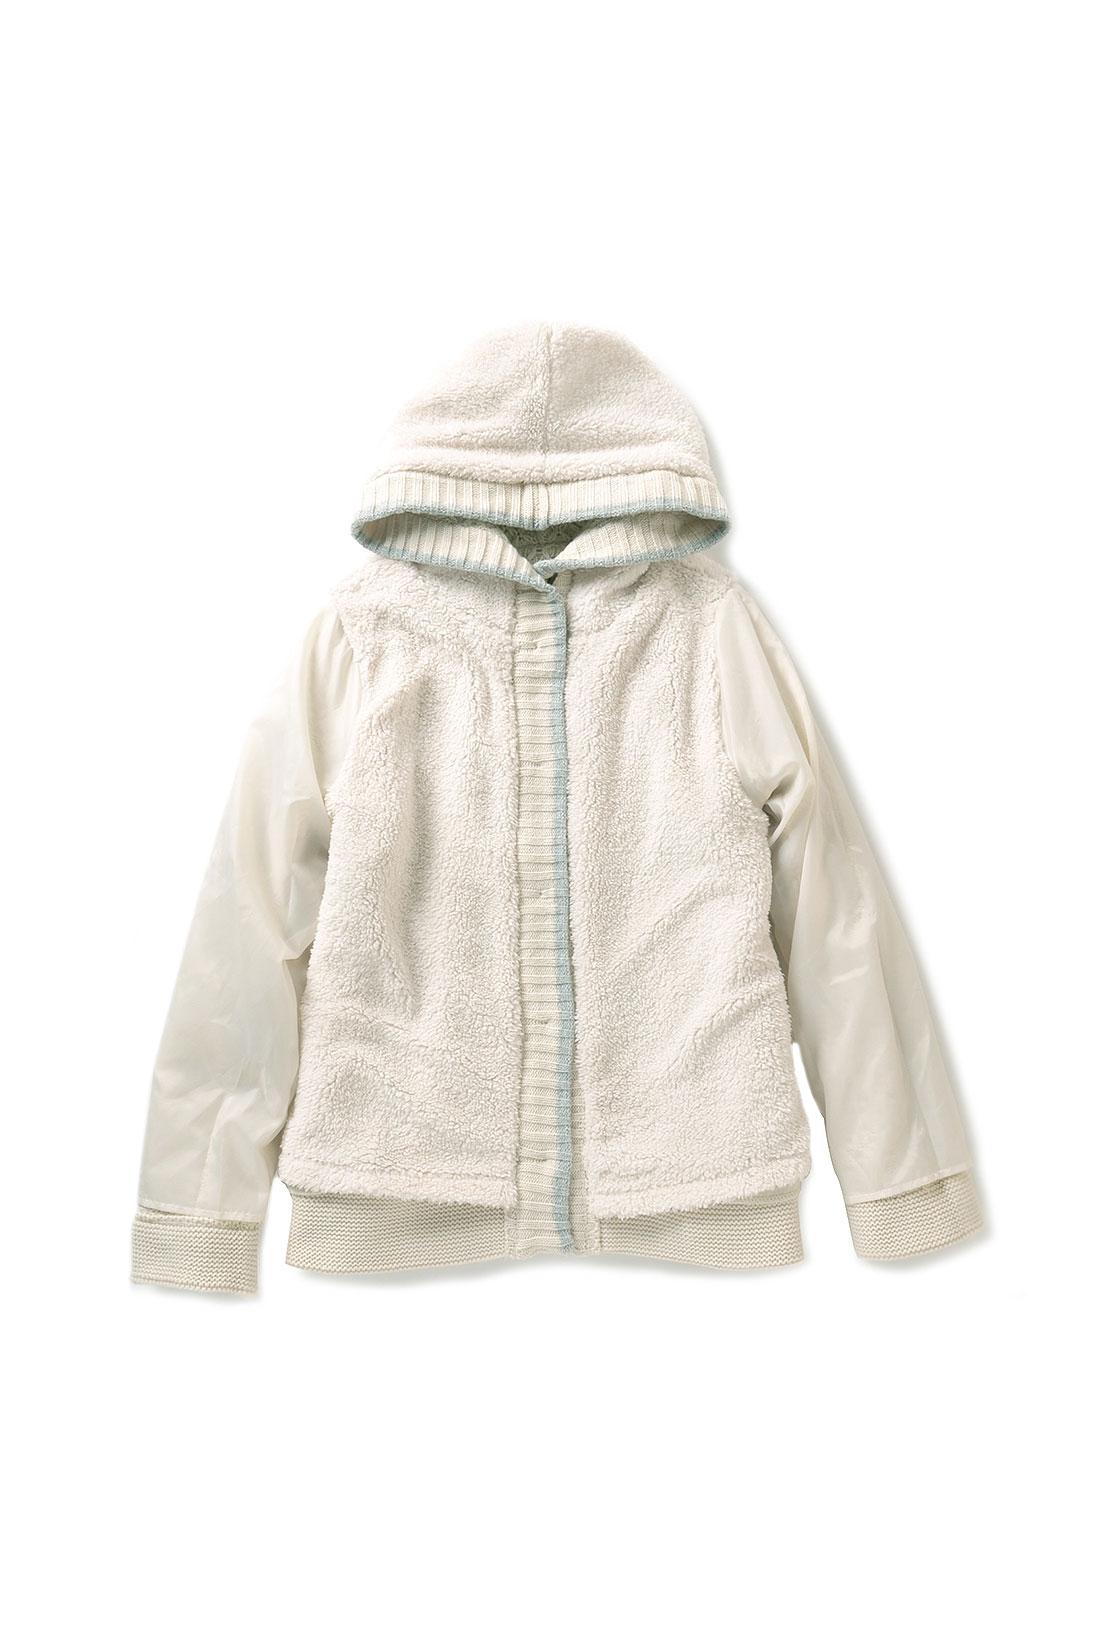 袖裏はあえてボアを付けずツルッとした素材のタフタ仕様で脱ぎ着しやすく、着ぶくれも防止。